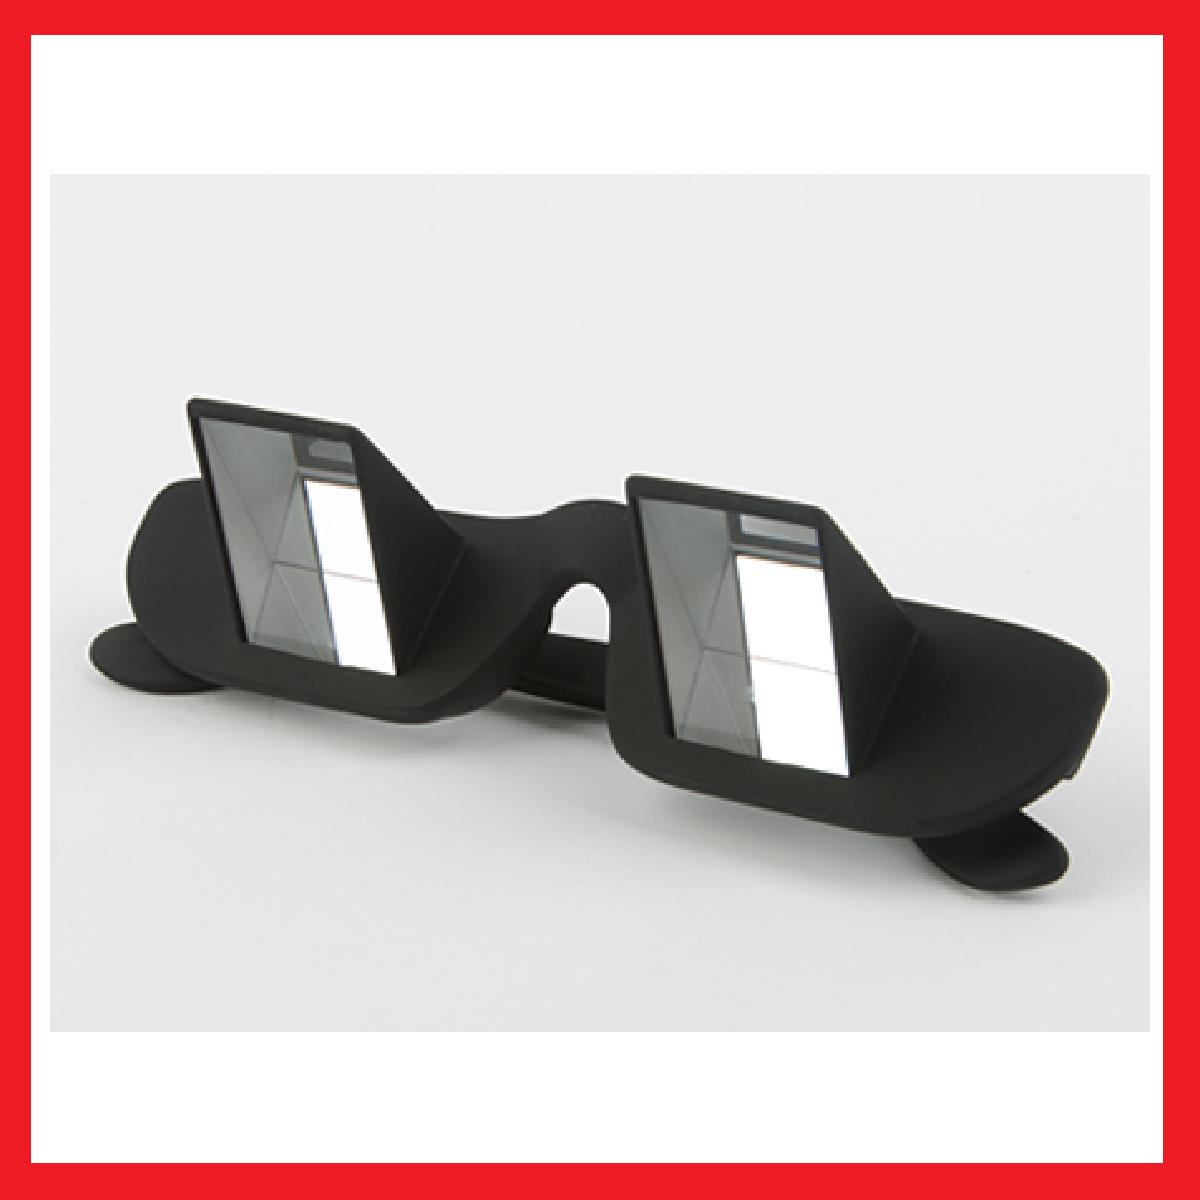 cadeaux 2 ouf id es de cadeaux insolites et originaux des lunettes pour lire couch. Black Bedroom Furniture Sets. Home Design Ideas